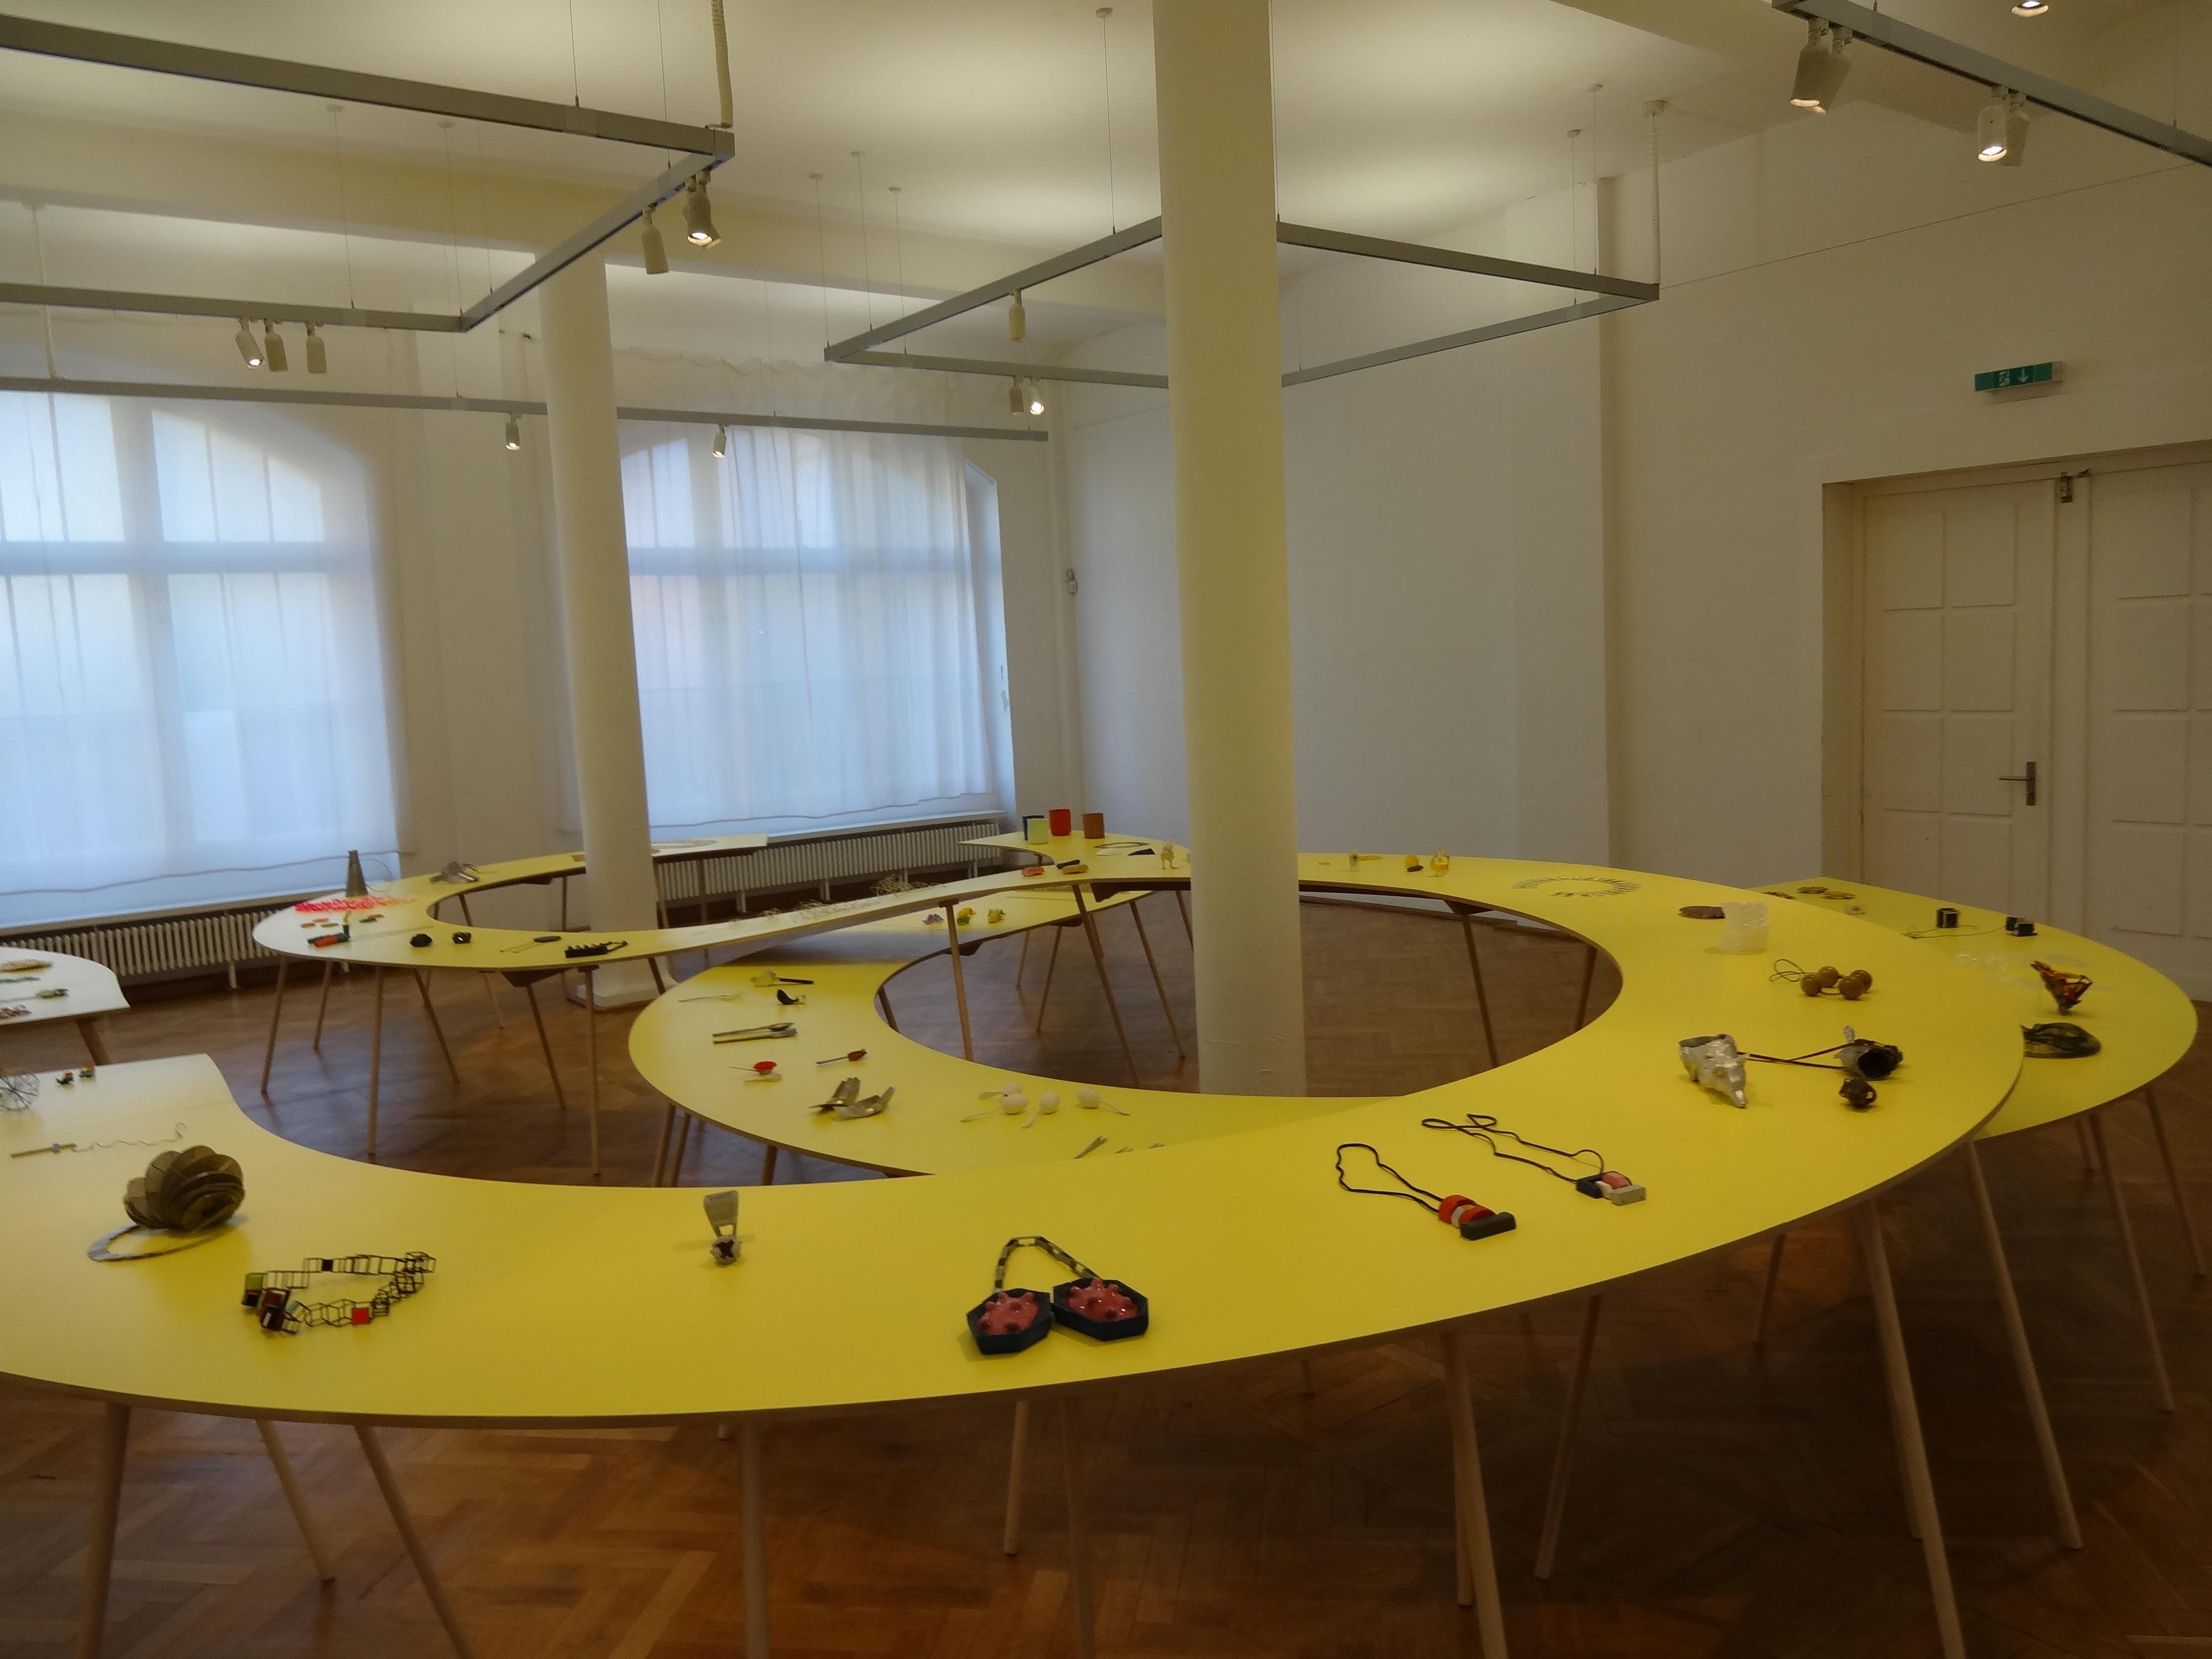 Säge Stein Papier, Burg Galerie im Volkspark, 2012. Foto Daniel Kruger, tentoonstelling Halle